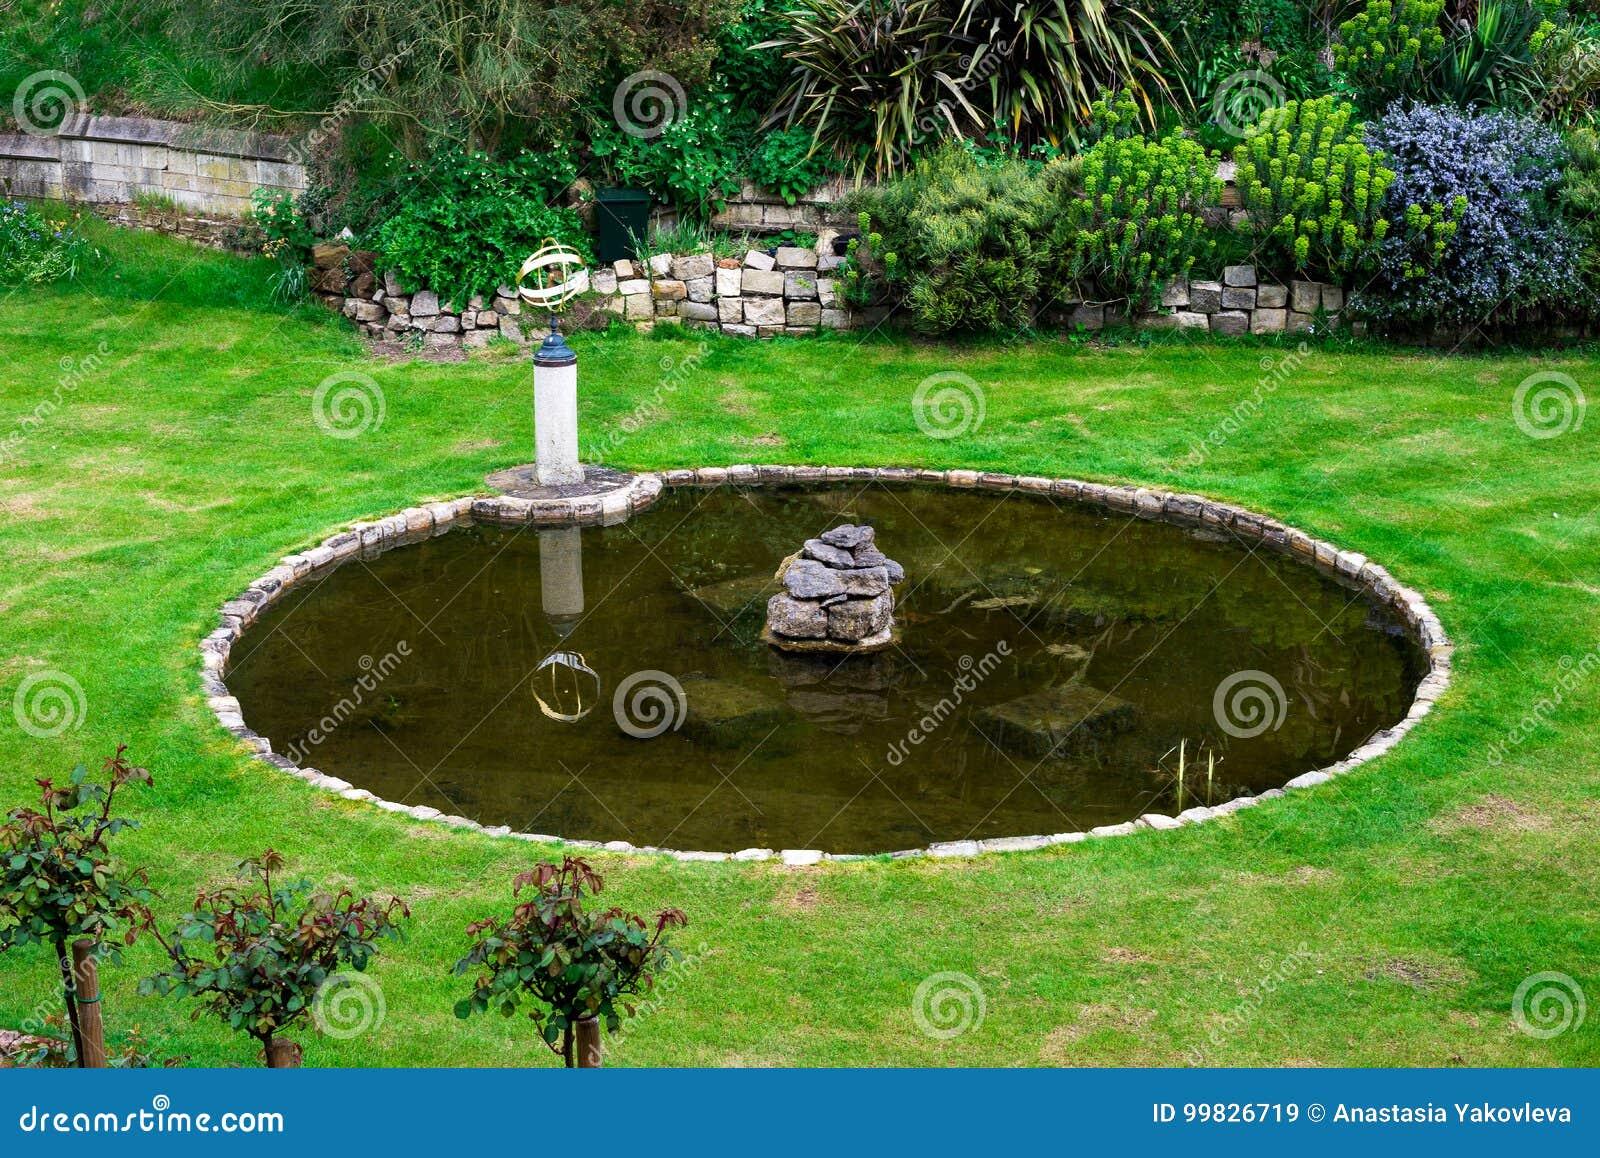 Innerer Garten Mit Einem Kleinen Teich Und Ein Brunnen In Windsor